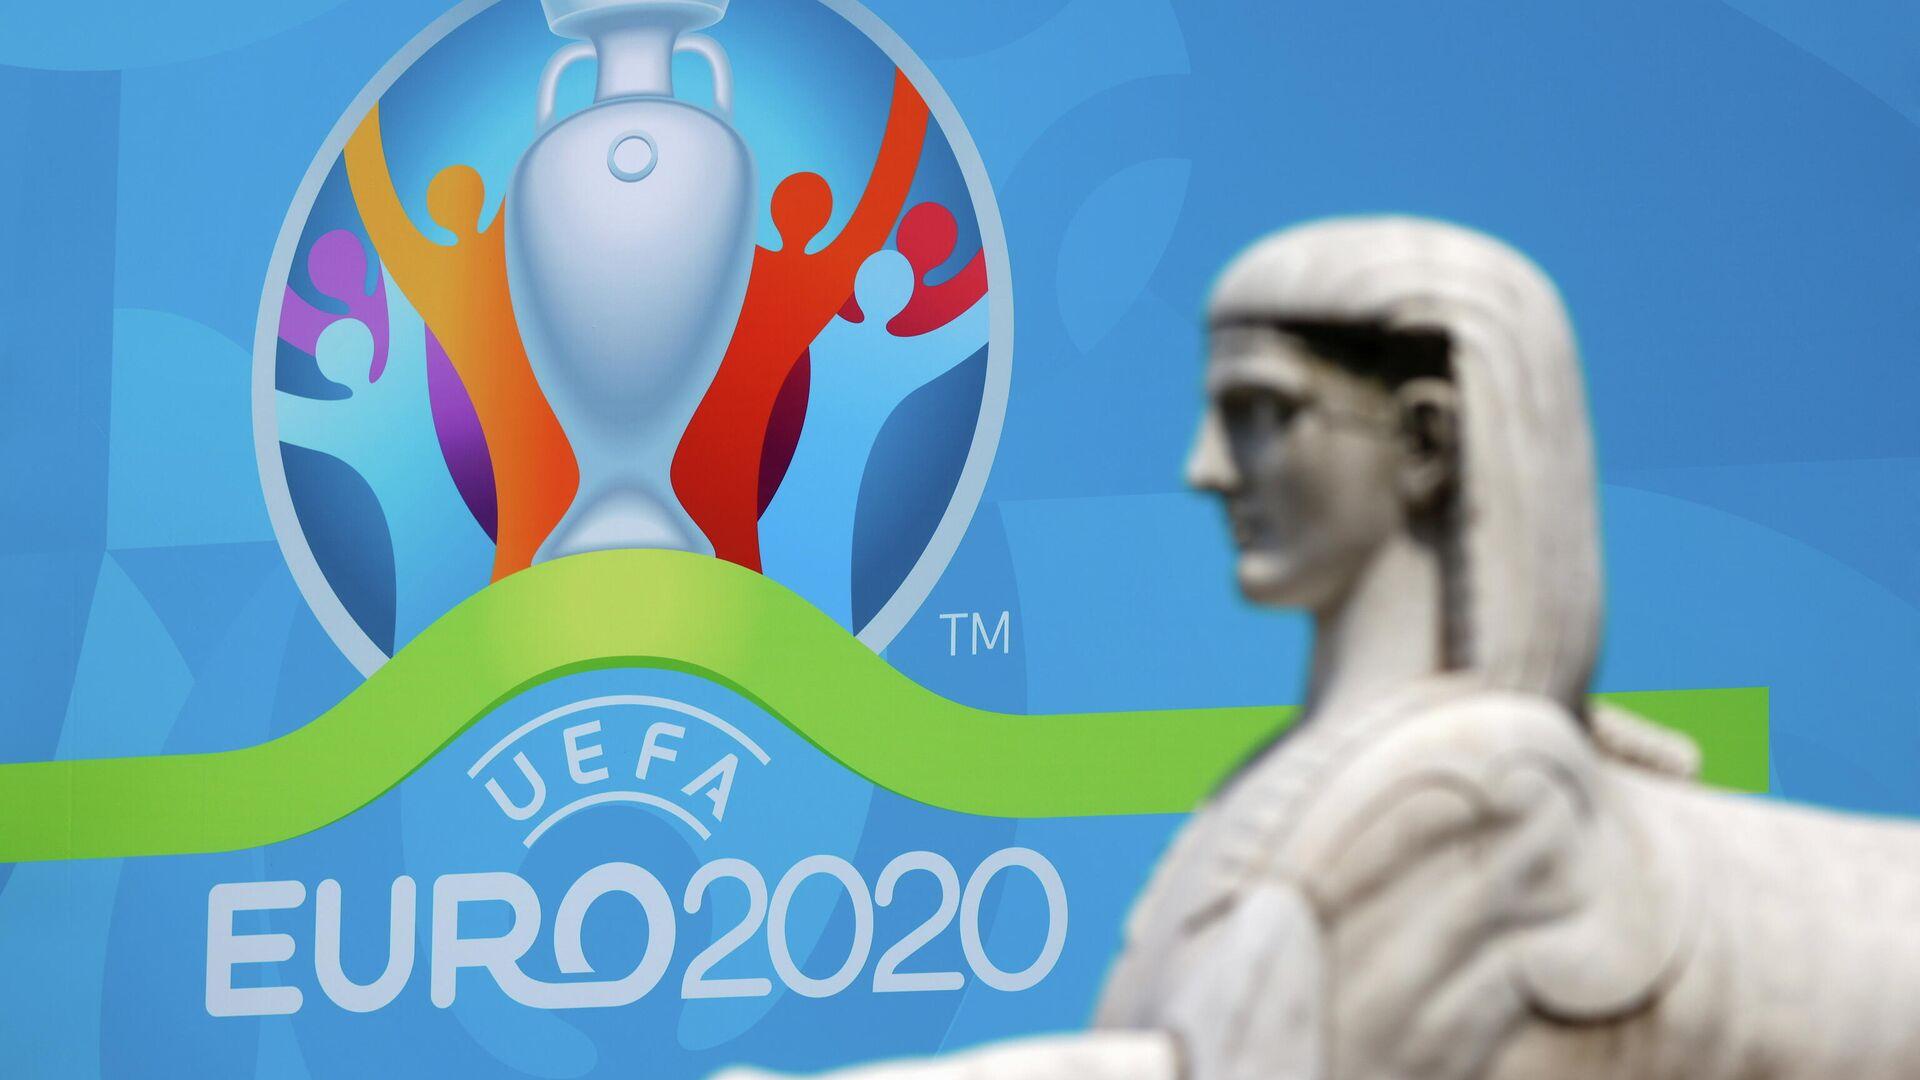 Logo de Euro 2020 - Sputnik Mundo, 1920, 11.06.2021